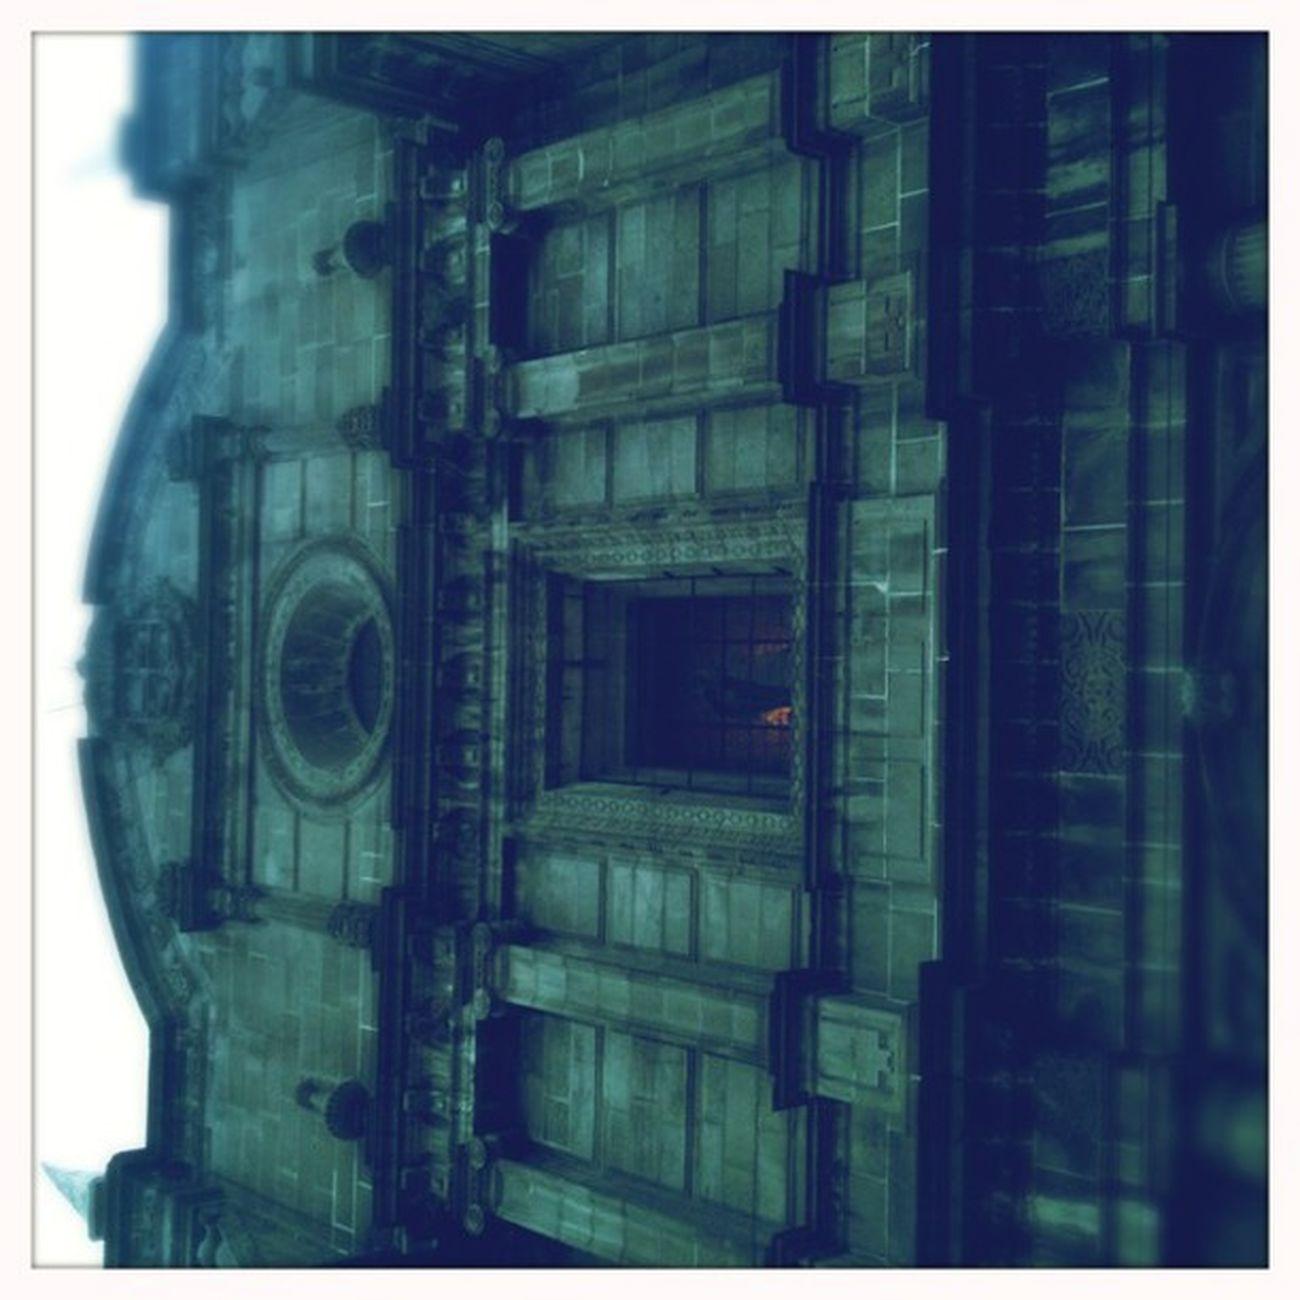 Arquitectura soñada, según una película. #Hipstamatic #Americana #Blanko Hipstamatic Americana Blanko